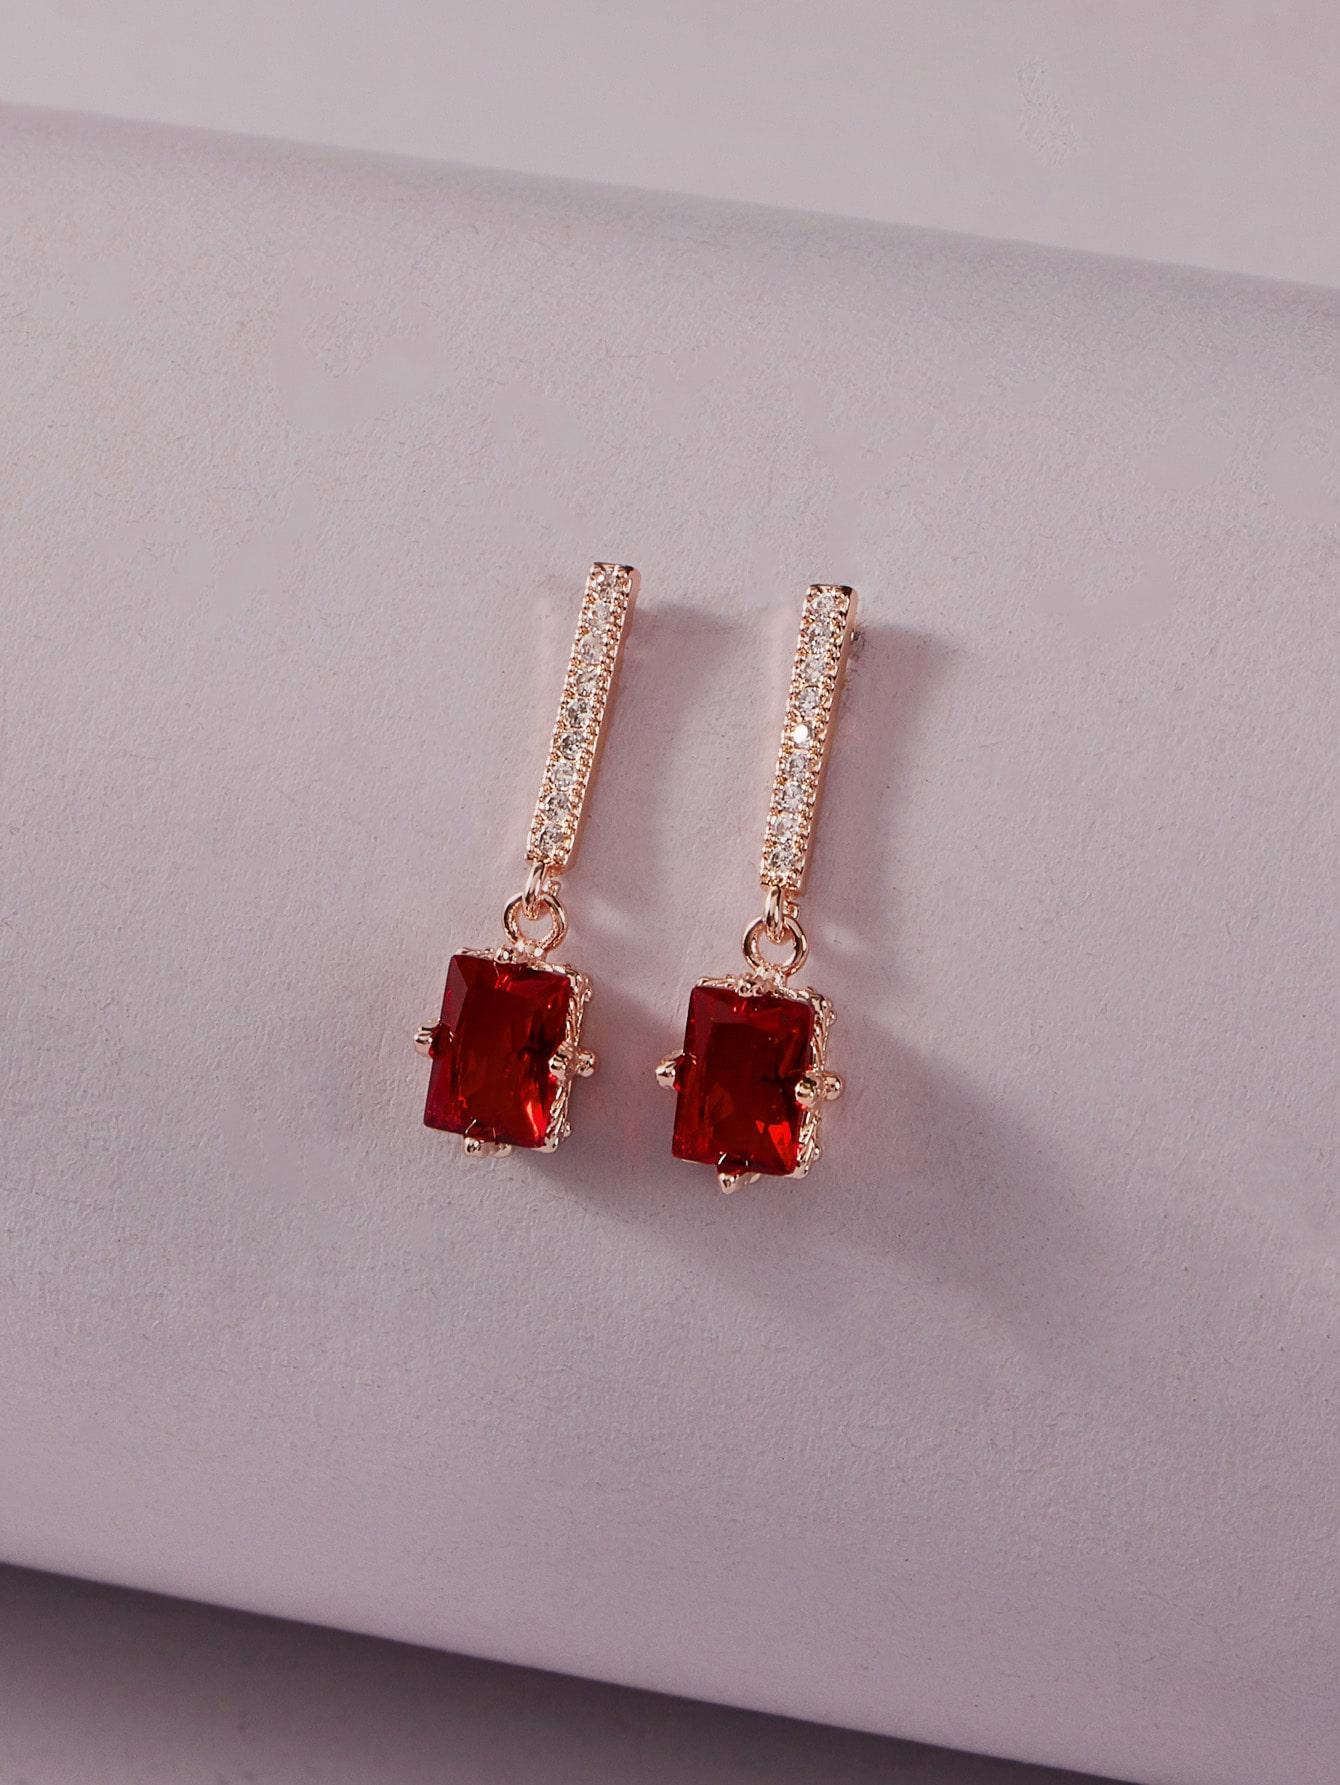 1pair Gemstone Drop Earrings thumbnail